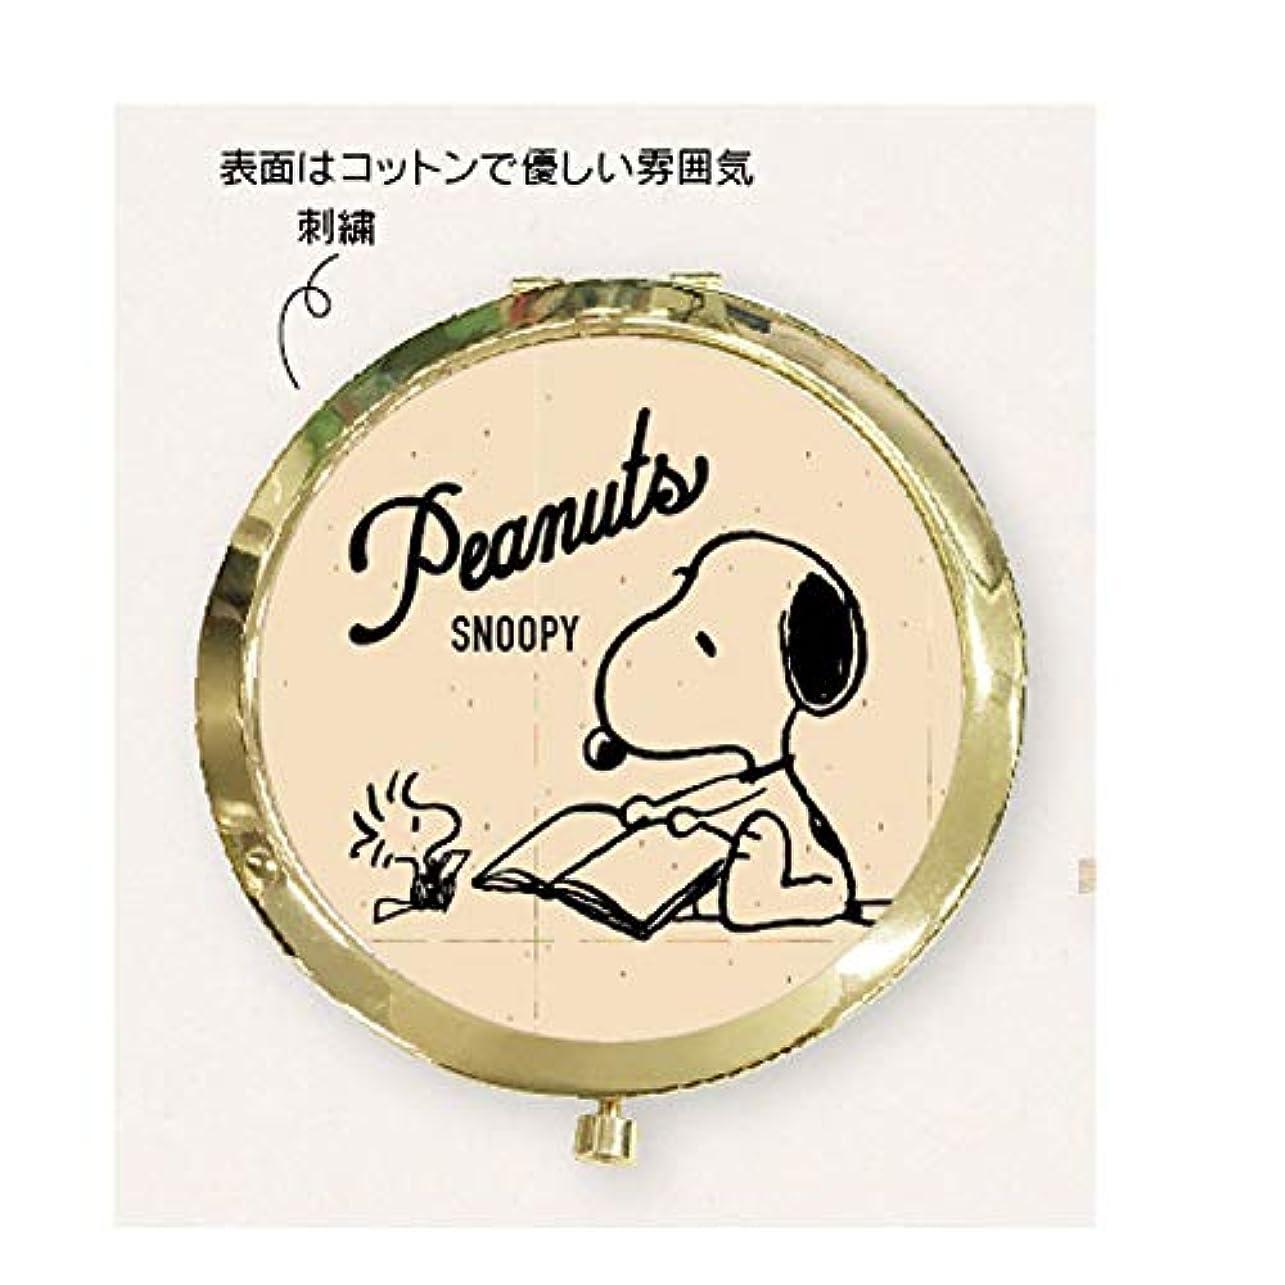 から聞く意義説明する【スヌーピー】コンパクトミラー(BOOK) BOOK STORE 049046